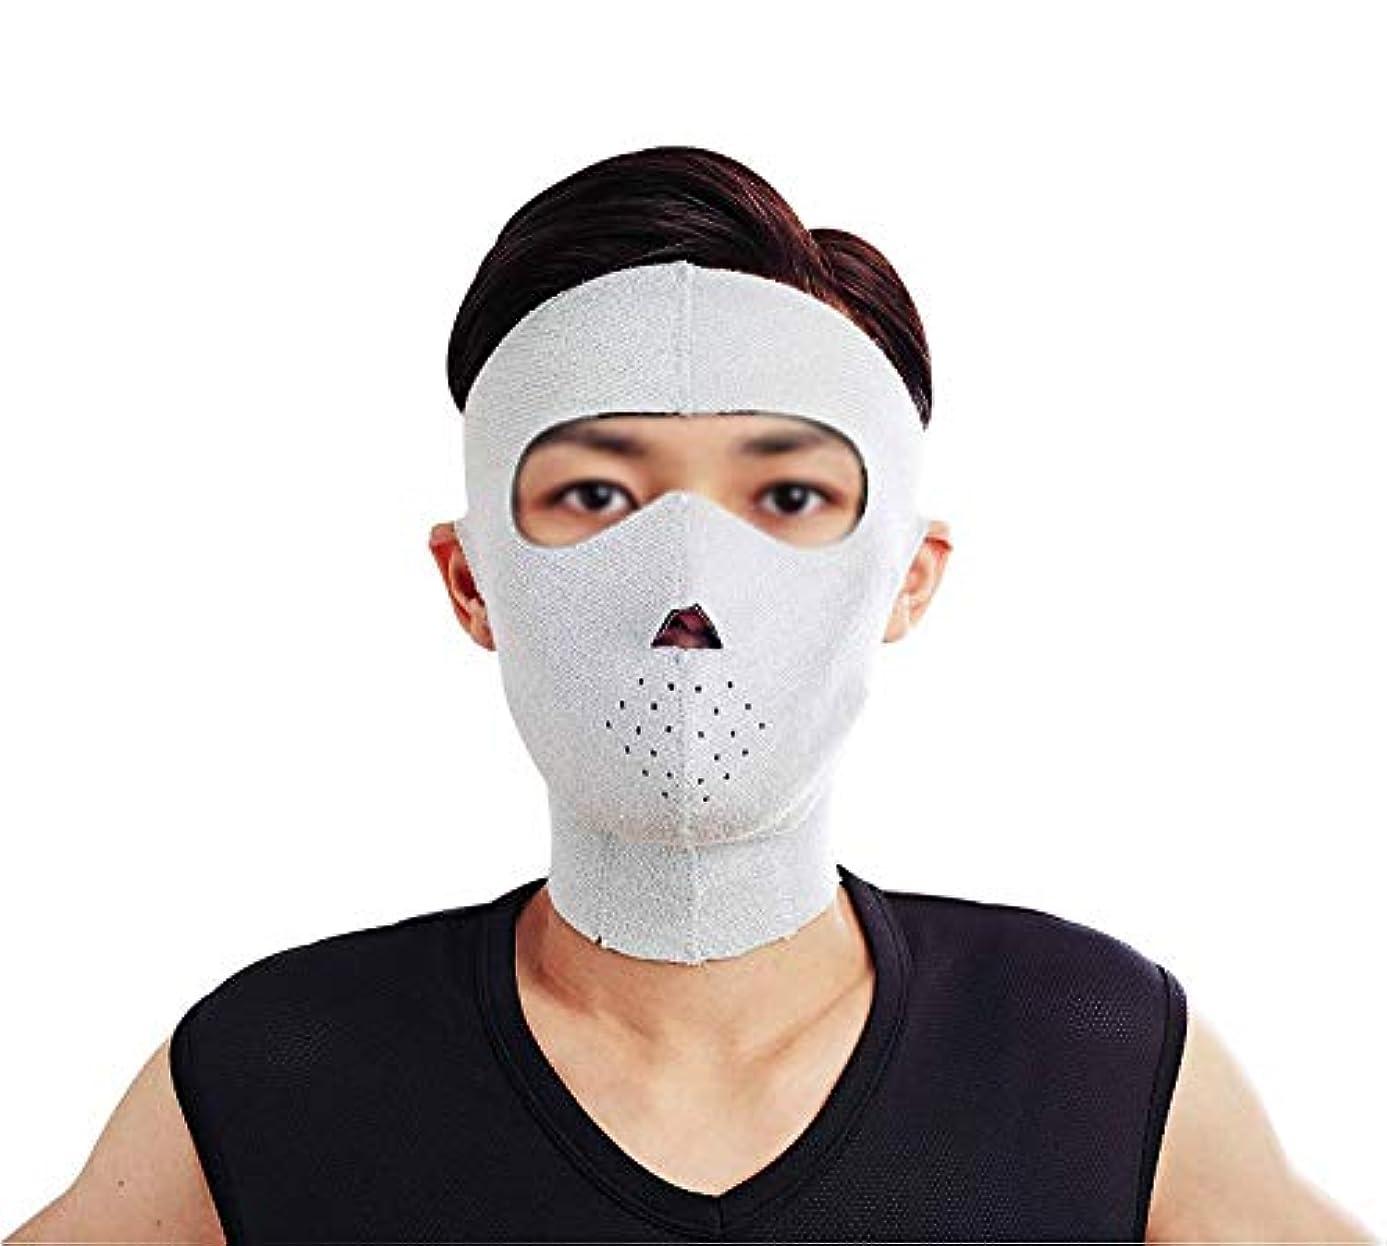 陰気ボタンホットTLMY 薄い顔のマスクのマスクと男性のネックバンドとの垂れ下がり防止の薄い顔のマスクの薄い顔のマスクのアーチファクトの美しさを引き締め 顔用整形マスク